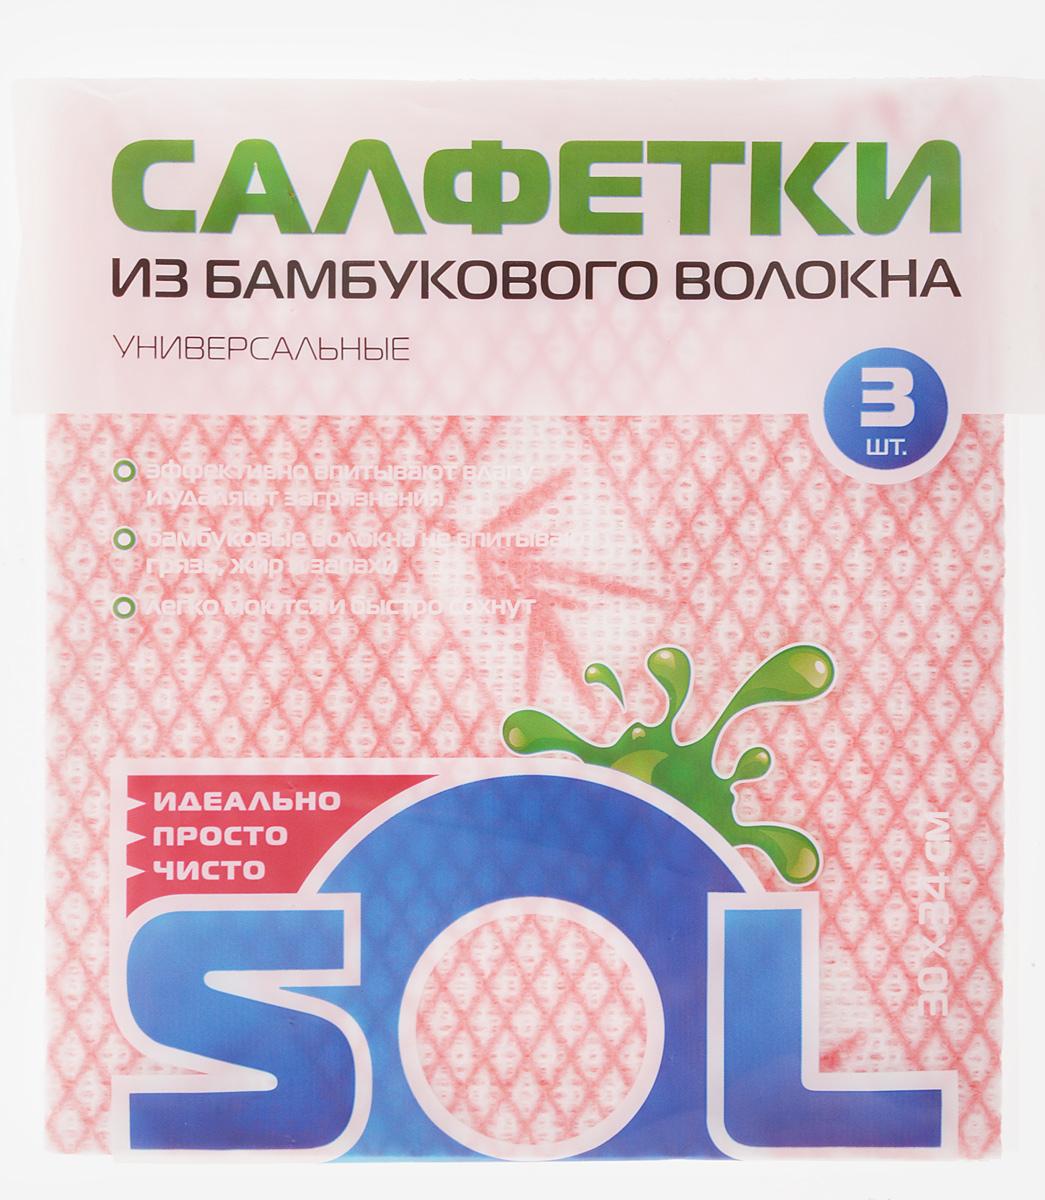 Салфетка для уборки Sol, из бамбукового волокна, цвет: розовый, 30 x 34 см, 3 шт97526Салфетки Sol, выполненные из бамбукового волокна, вискозы и полиэстера, предназначены для уборки. Бамбуковое волокно - экологичный и безопасный для здоровья человека материал, не содержащий в своем составе никаких химических добавок, синтетических материалов и примесей. Благодаря трубчатой структуре волокон, жир и грязь не впитываются в ткань, легко вымываются под струей водой.Рекомендации по уходу:Бамбуковые салфетки не требуют особого ухода. После каждого использования их рекомендуется промыть под струей воды и просушить. Не рекомендуется сушить салфетки на батарее.Размер салфетки: 30 х 34 см.